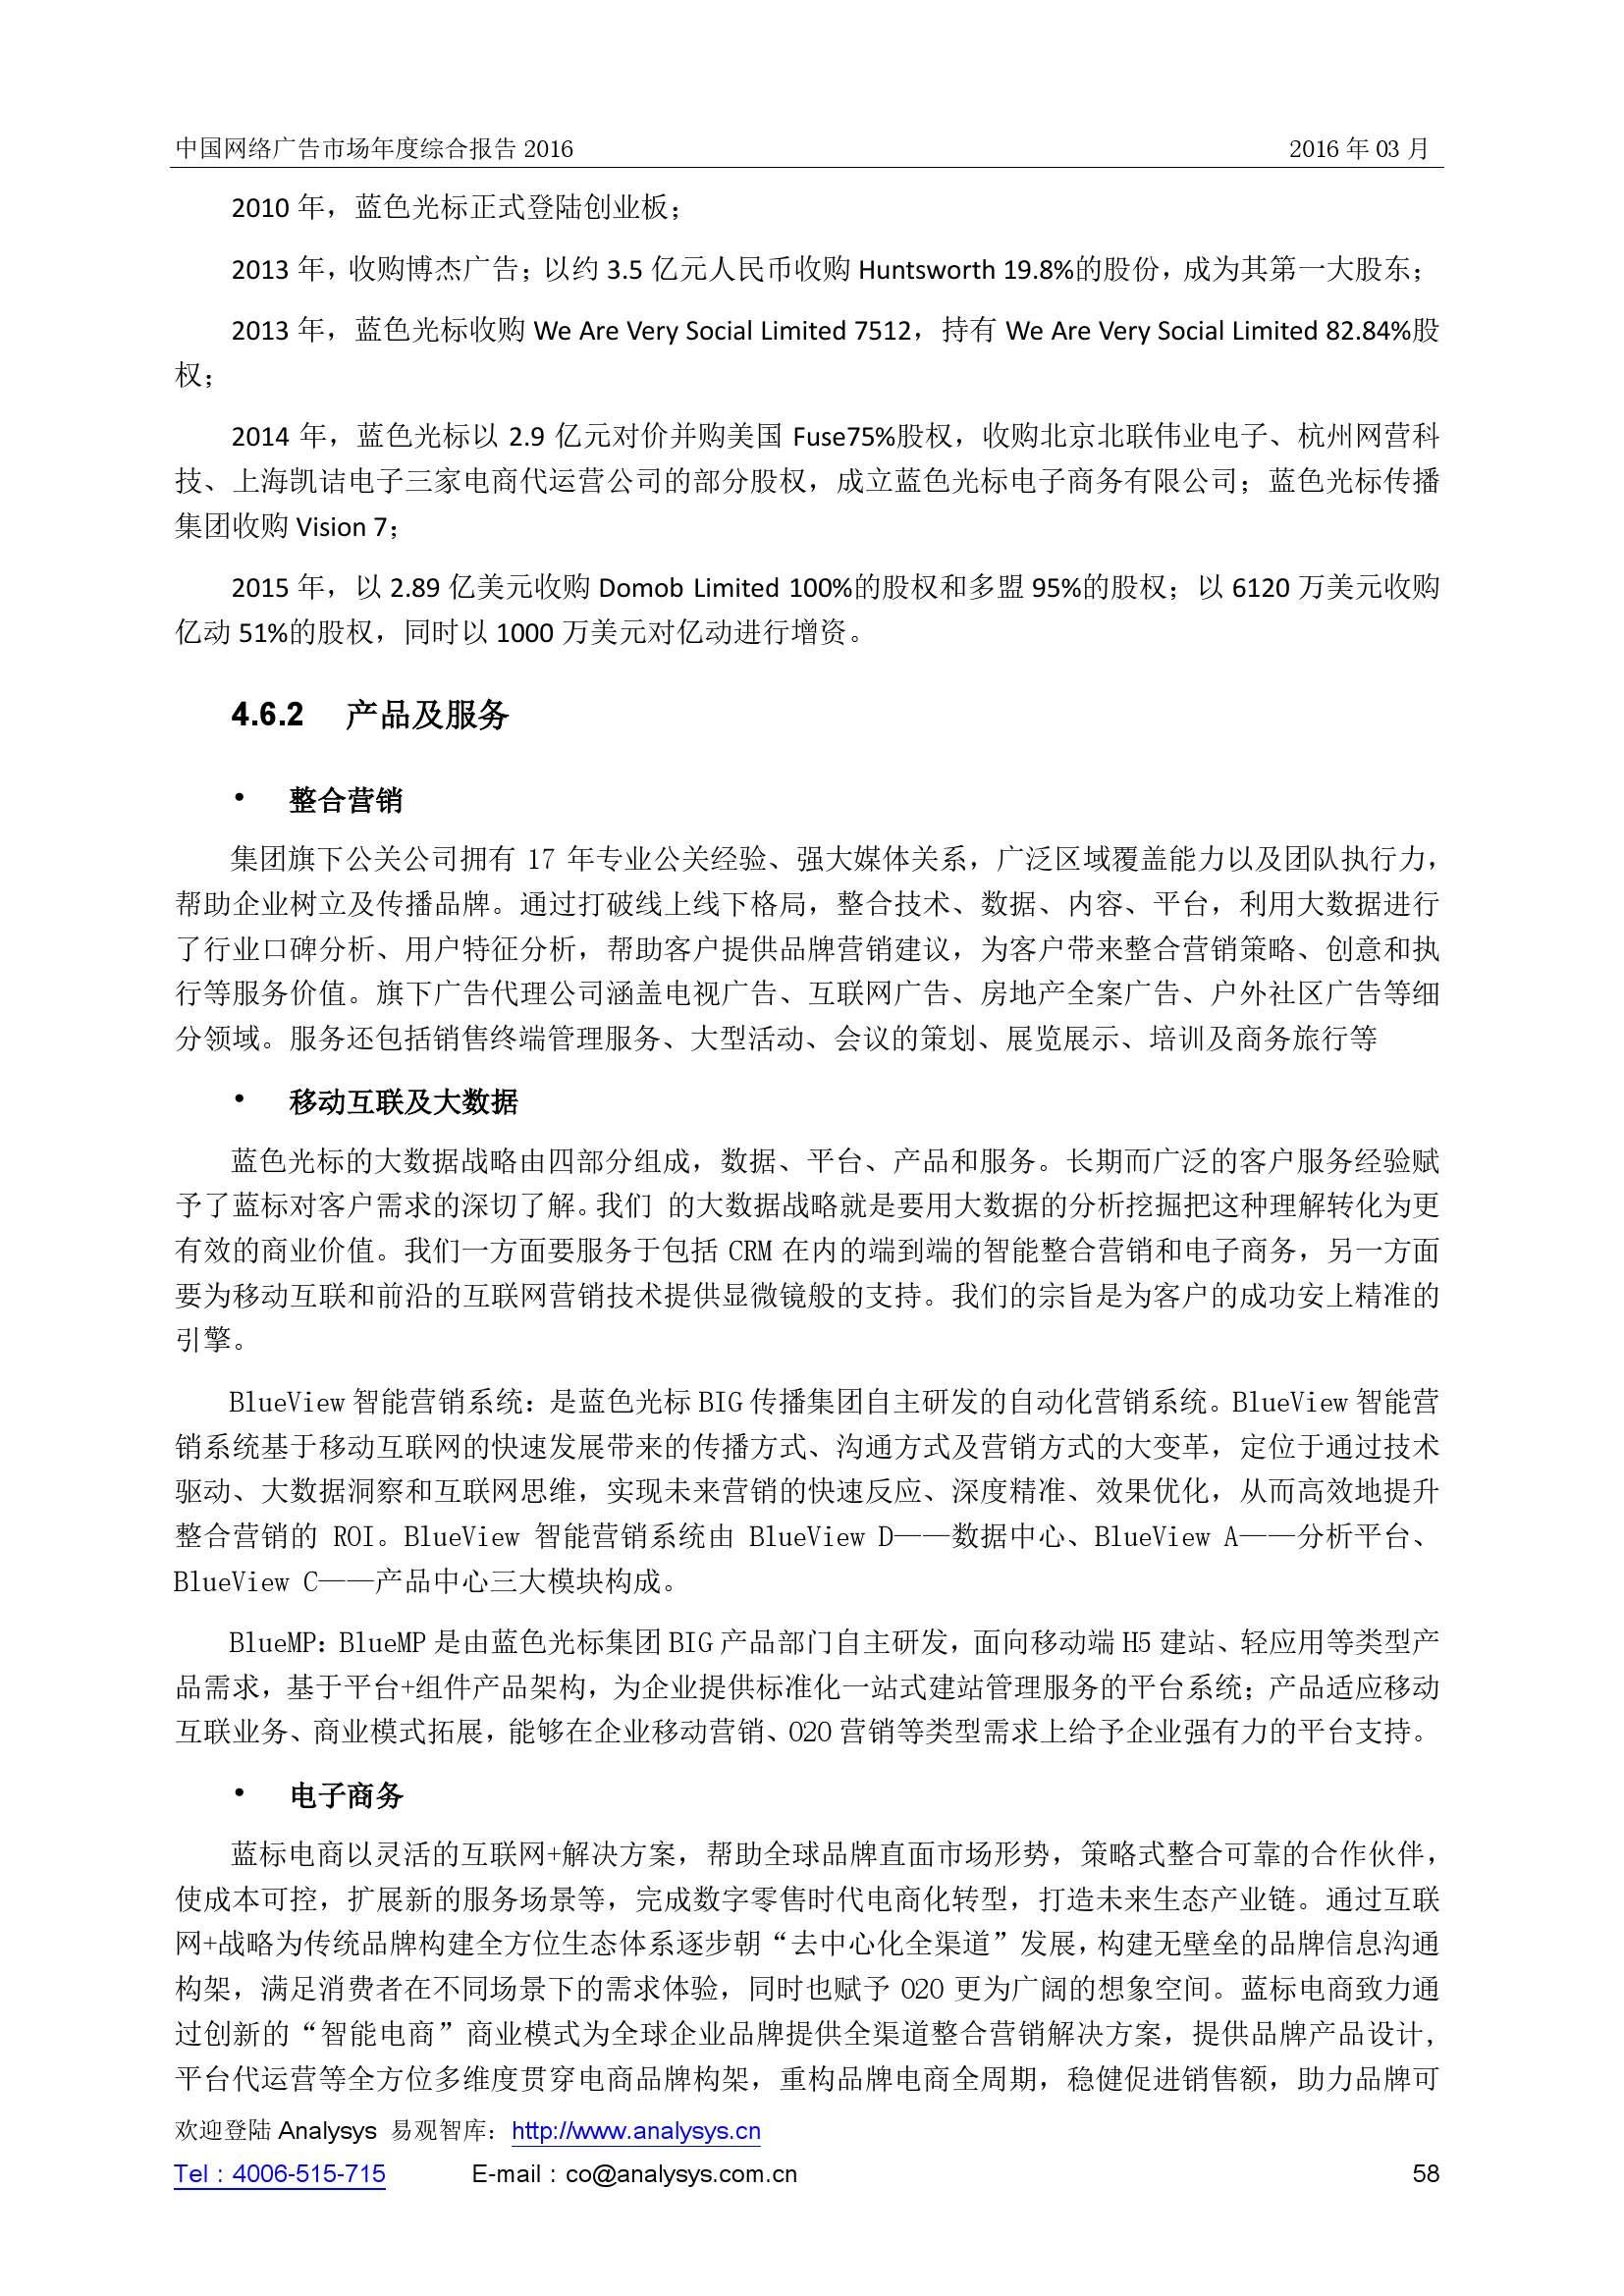 中国网络广告市场年度综合报告2016_000058